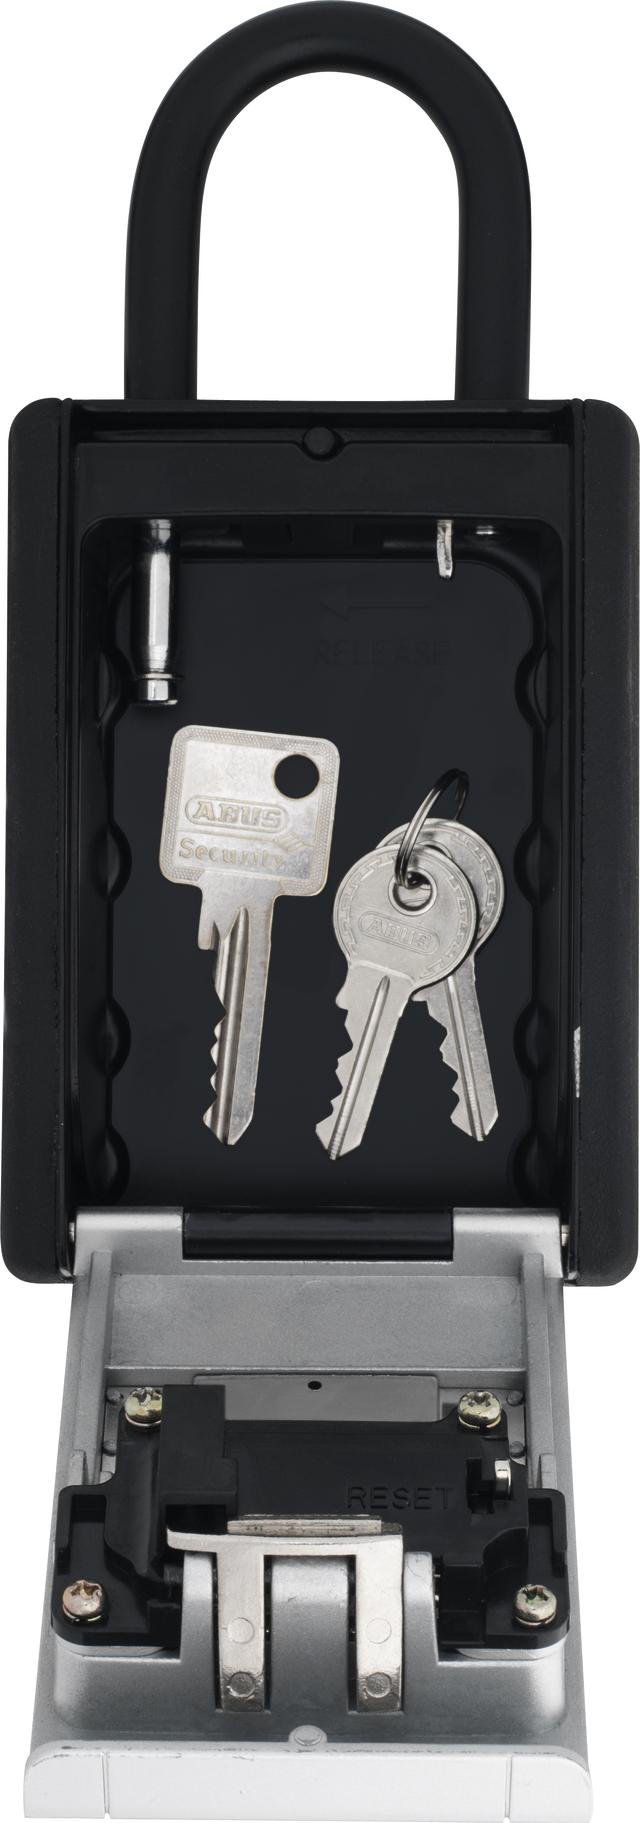 KeyGarage 797 offen mit Schlüsseln